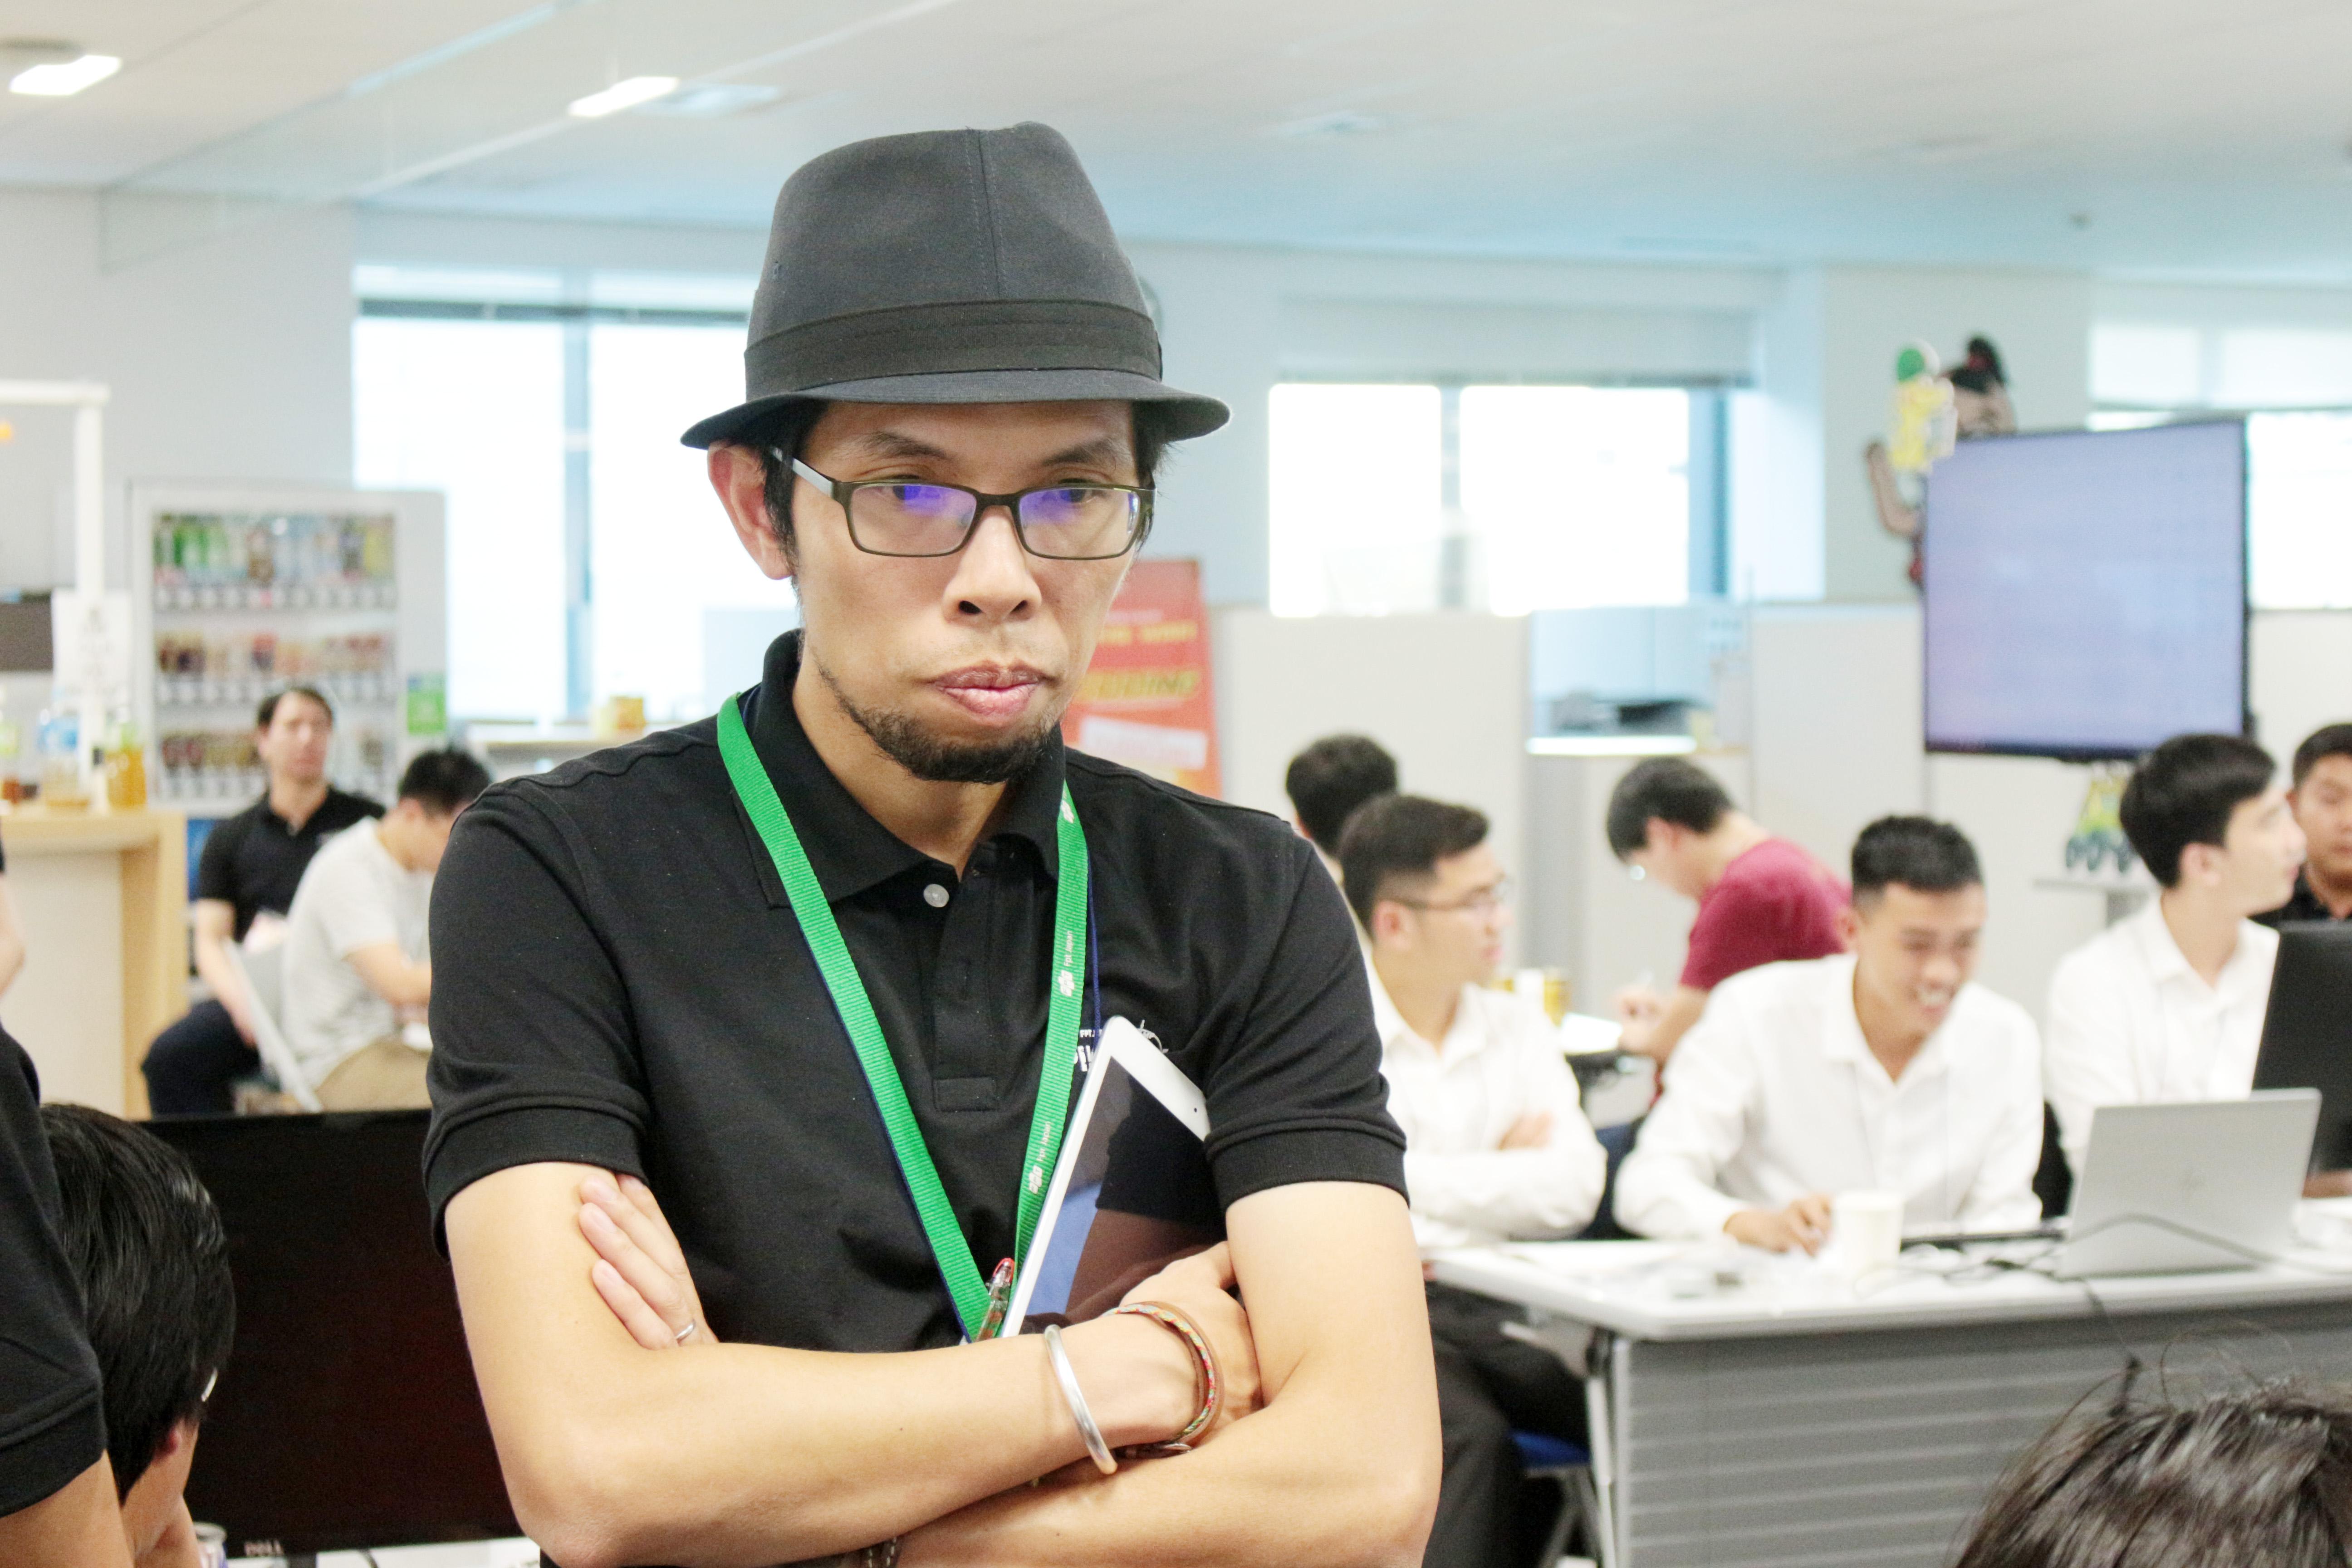 Đội trưởng nhóm giám sát Nguyễn Tuấn Dương (FPT Japan N.500-D) đăm chiêu giám sát đội thi.